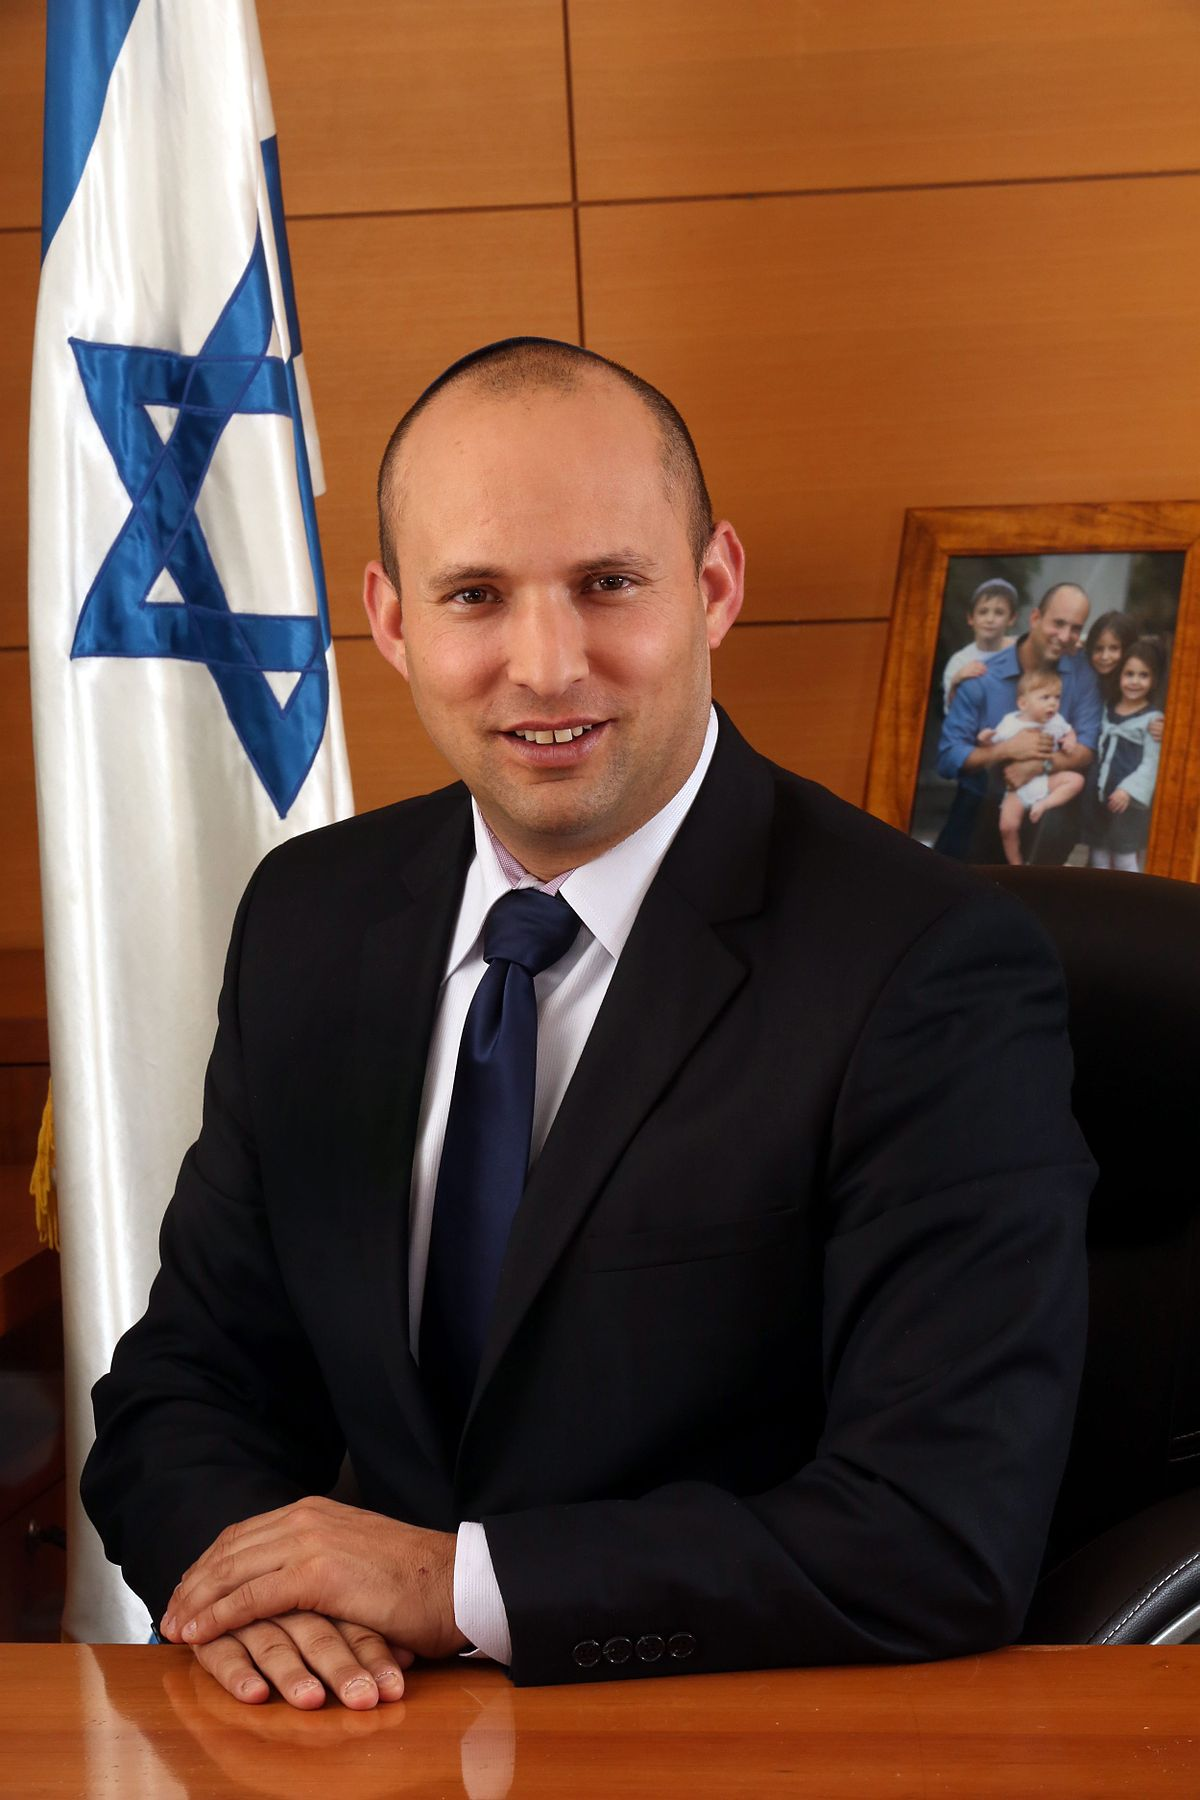 Izraelski minister Naftali Bennett komentuje odwołanie jego wizyty w Polsce: Jestem… zaszczycony